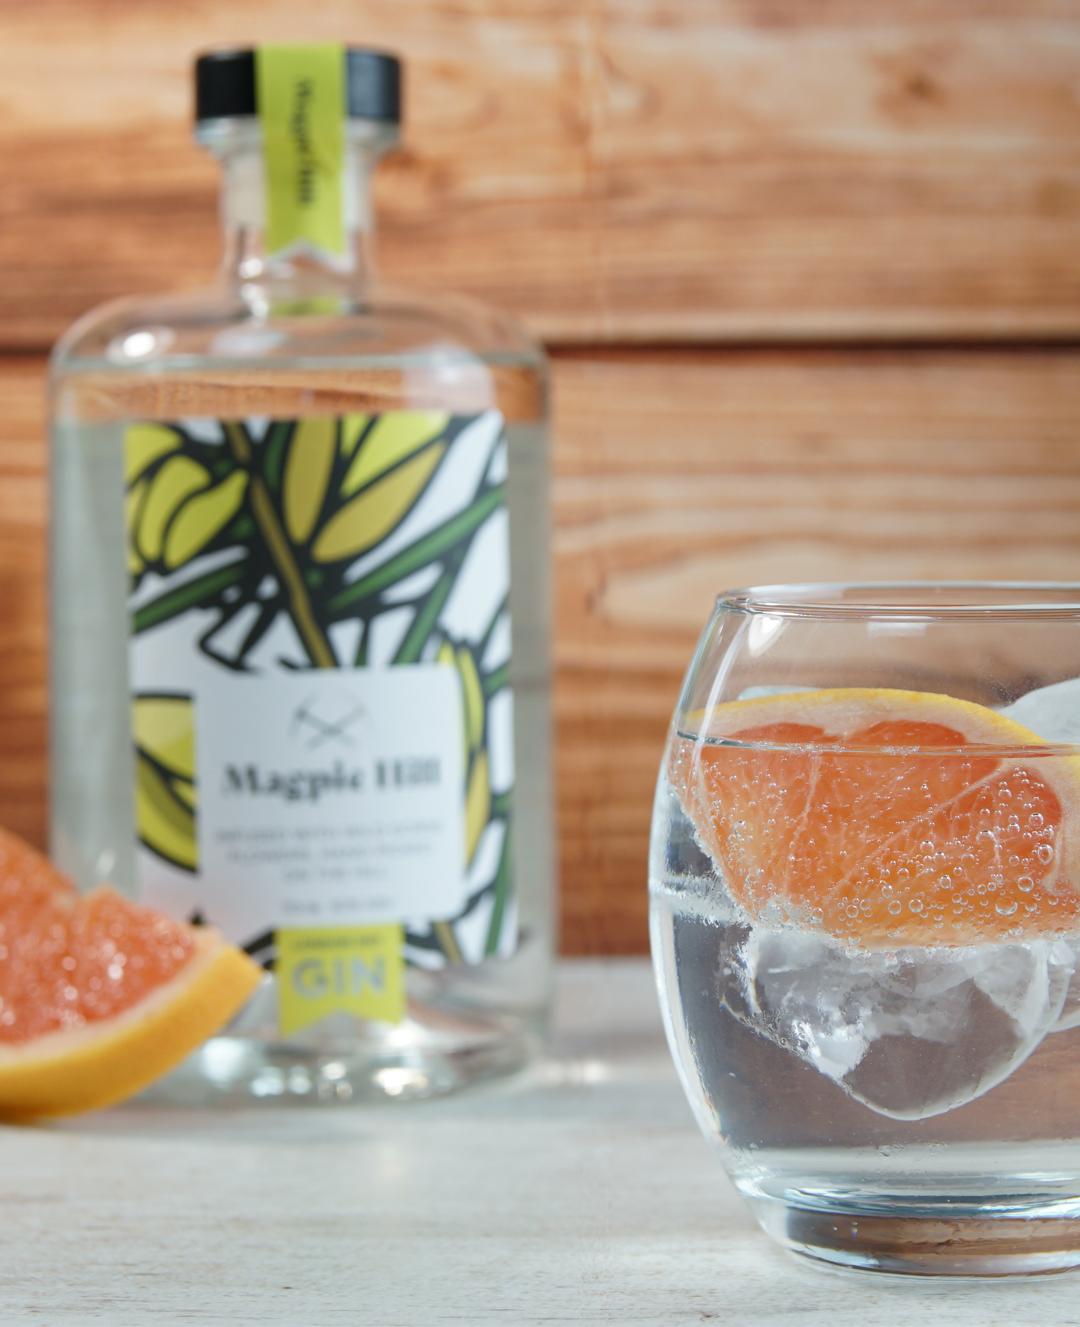 custom gin, bespoke gin, customised gin, berkshire gin, white label gin, Hawkridge Distillers, Hawkridge distillery, spirit of henley, Marlborough lines gin, dragon hill gin, the woodspeen gin, the vineyard gin, the blowing stone gin